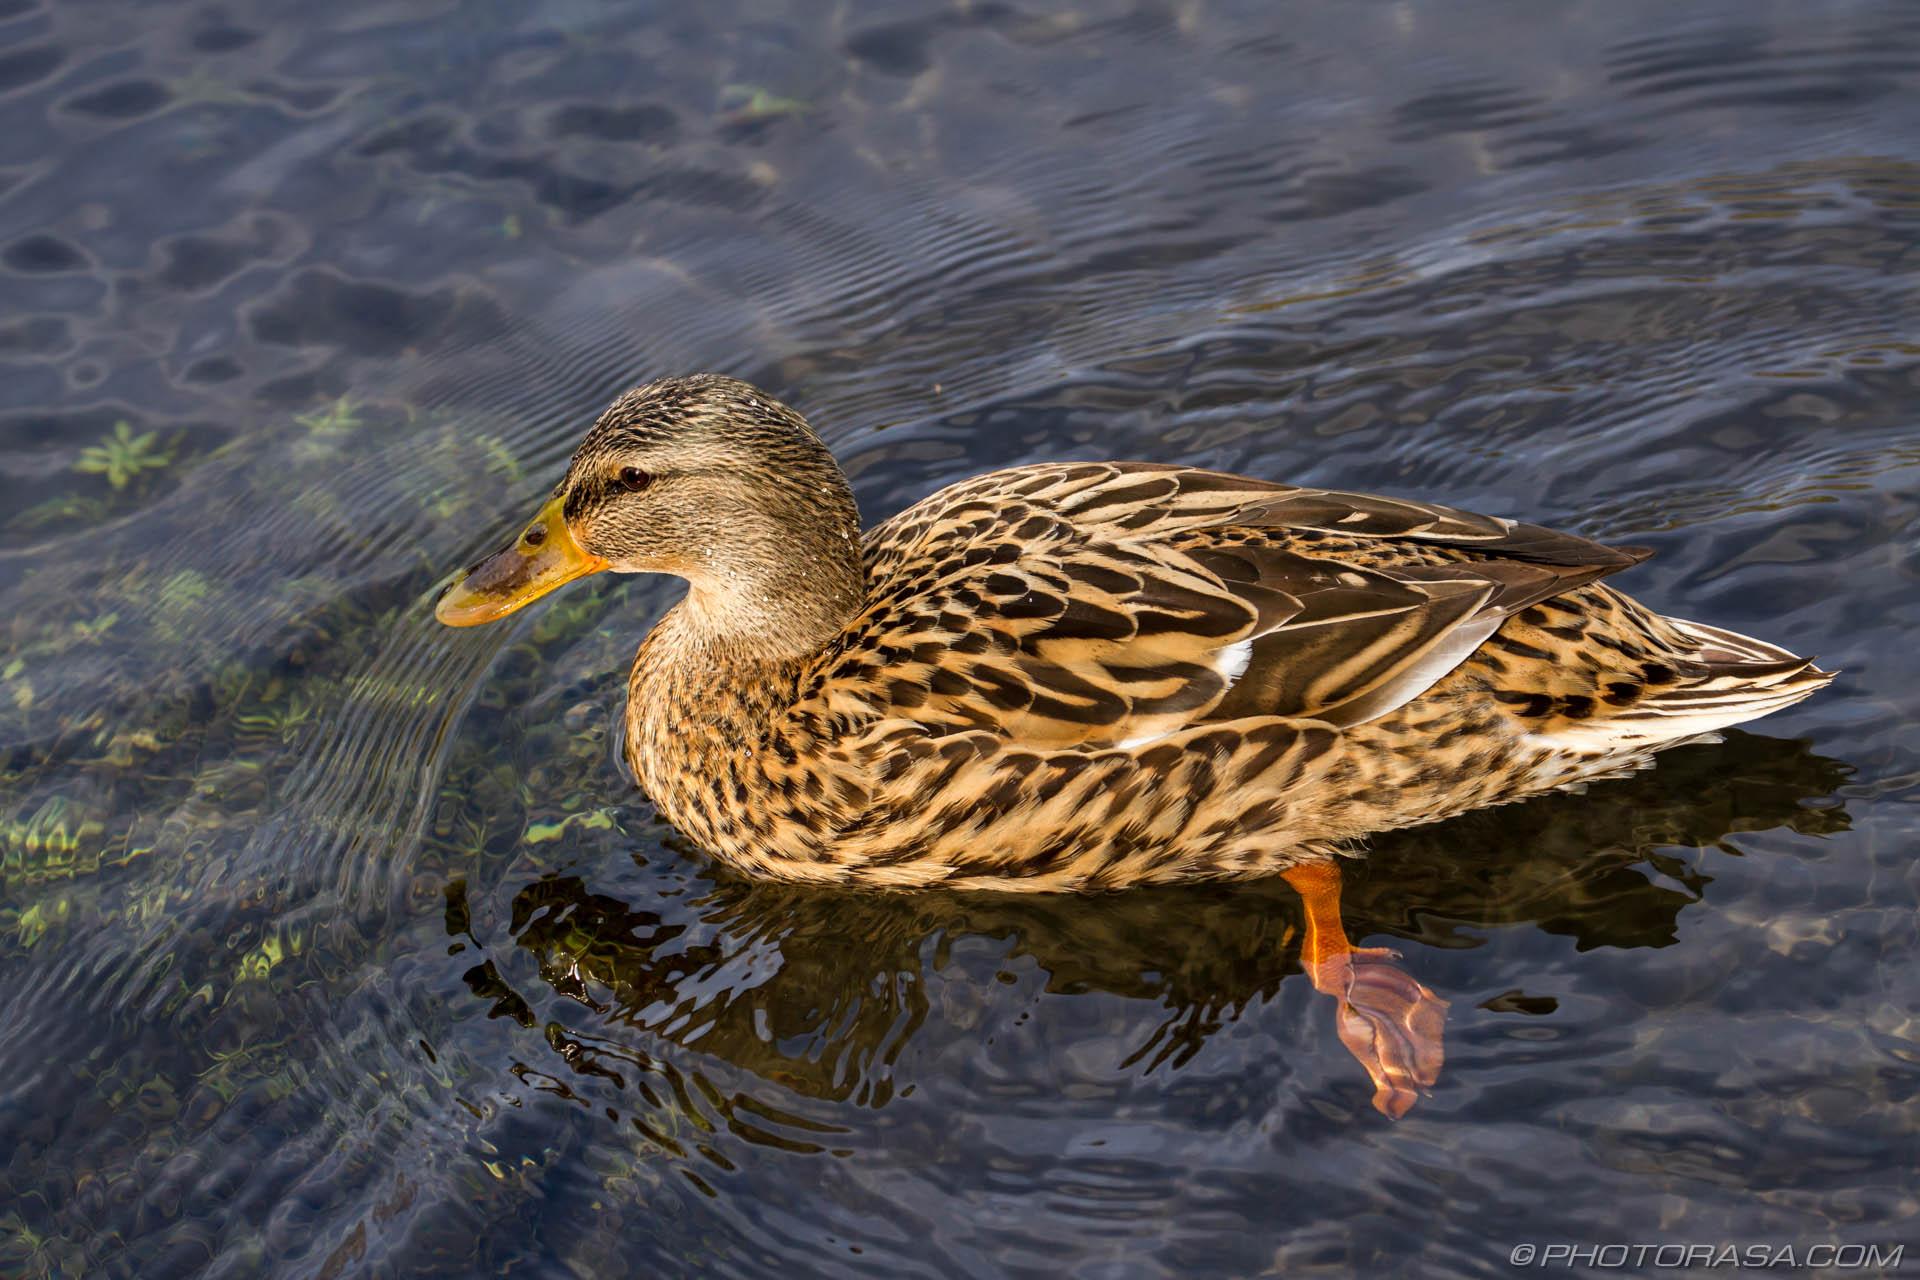 https://photorasa.com/mallard-ducks/mallard-swimming-past/